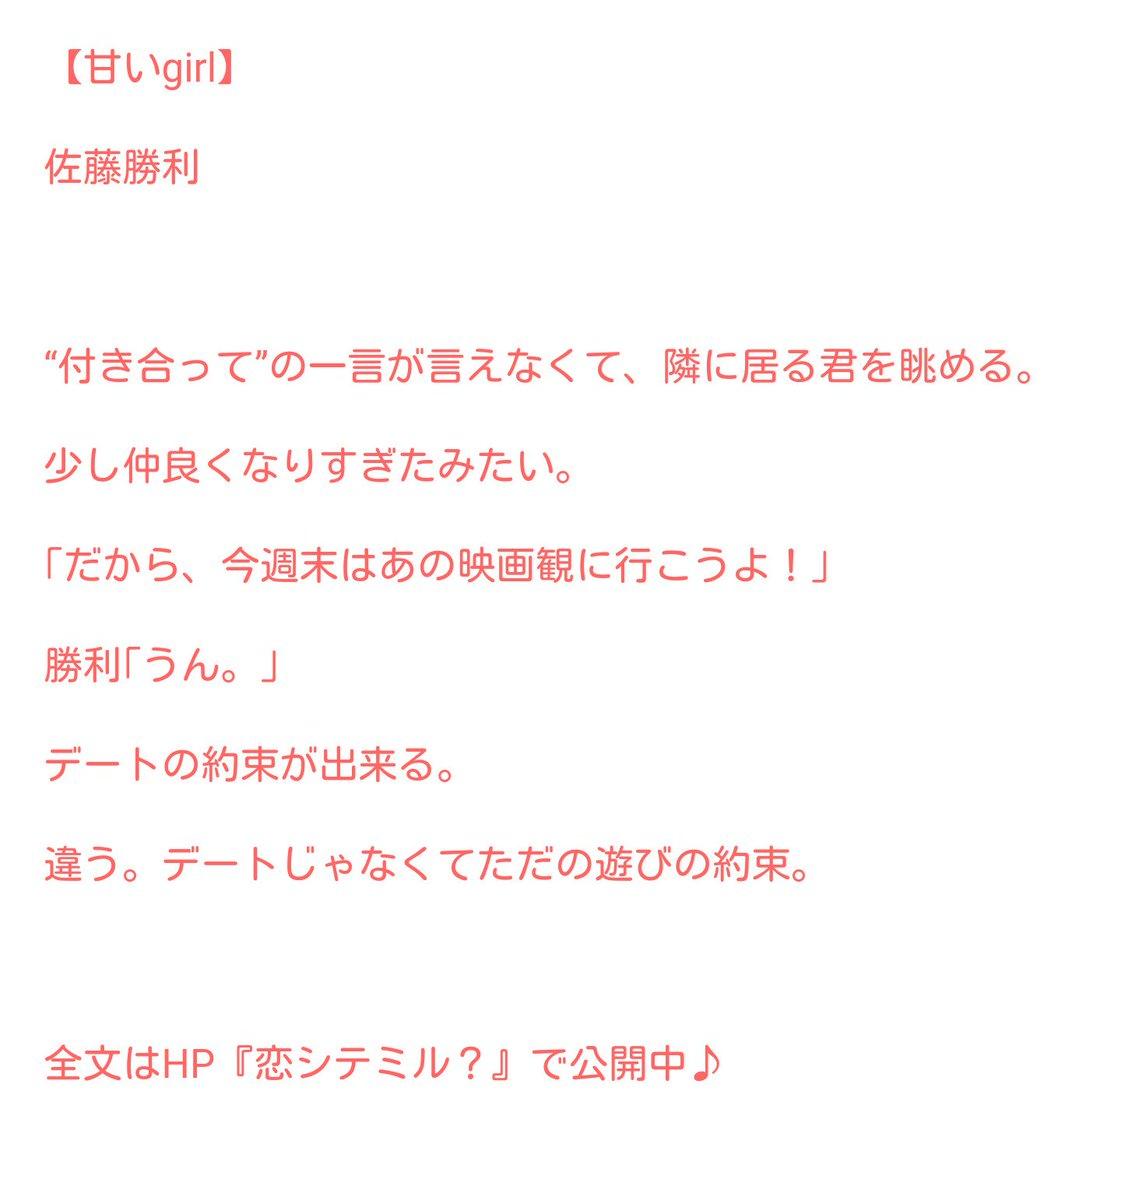 """恋シテミル? ar Twitter: """"【甘いgirl】 佐藤勝利 短編小説 全文は ..."""